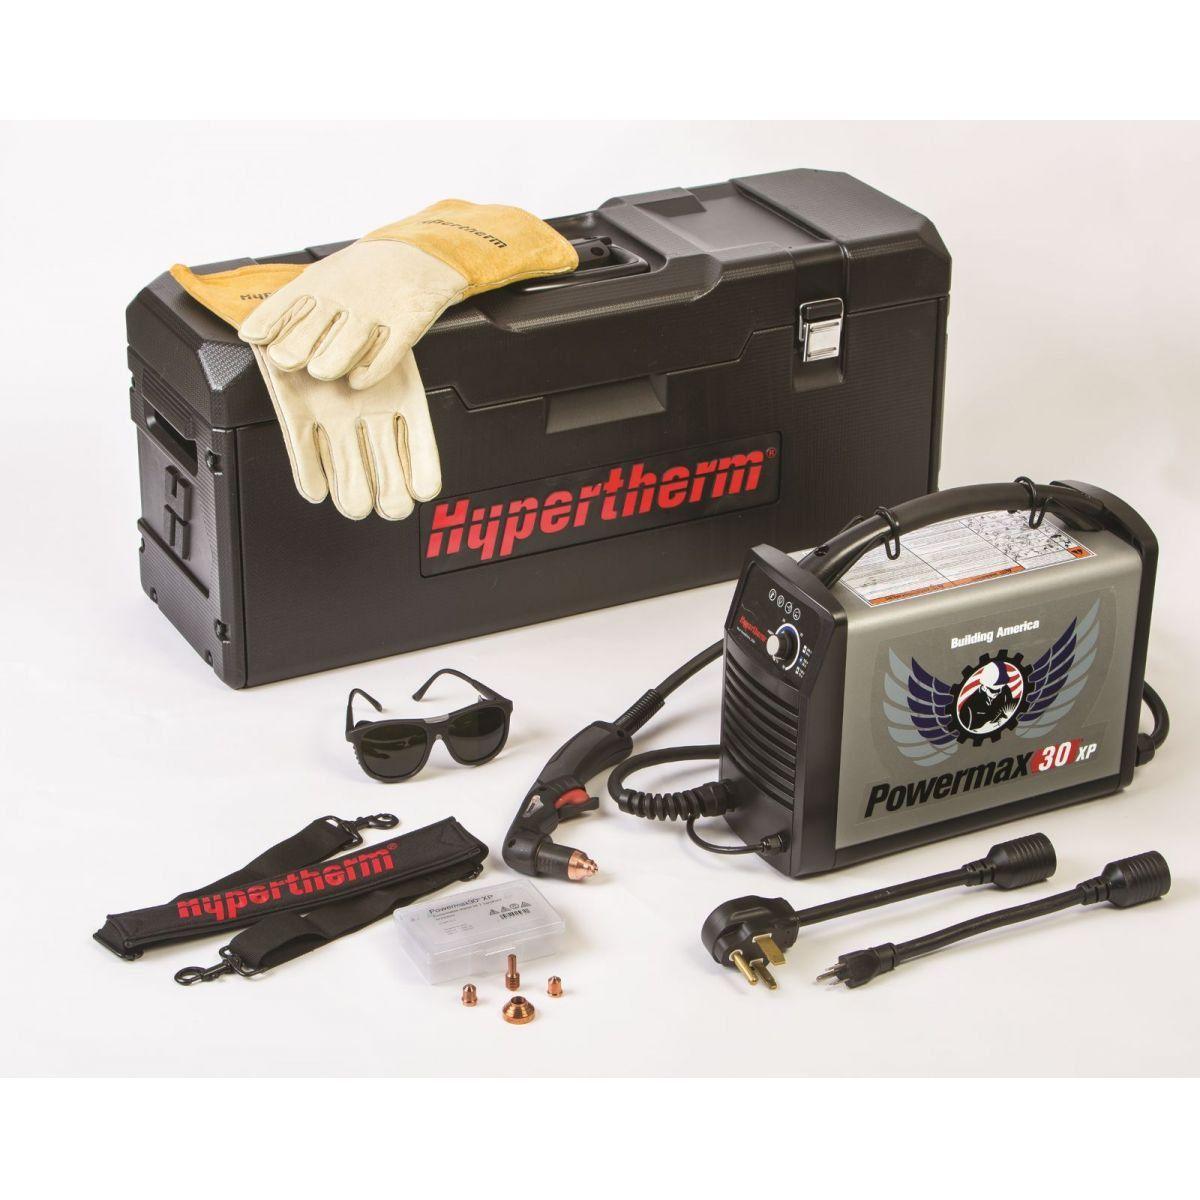 Hypertherm Powermax 30 Xp Plasma Cutter